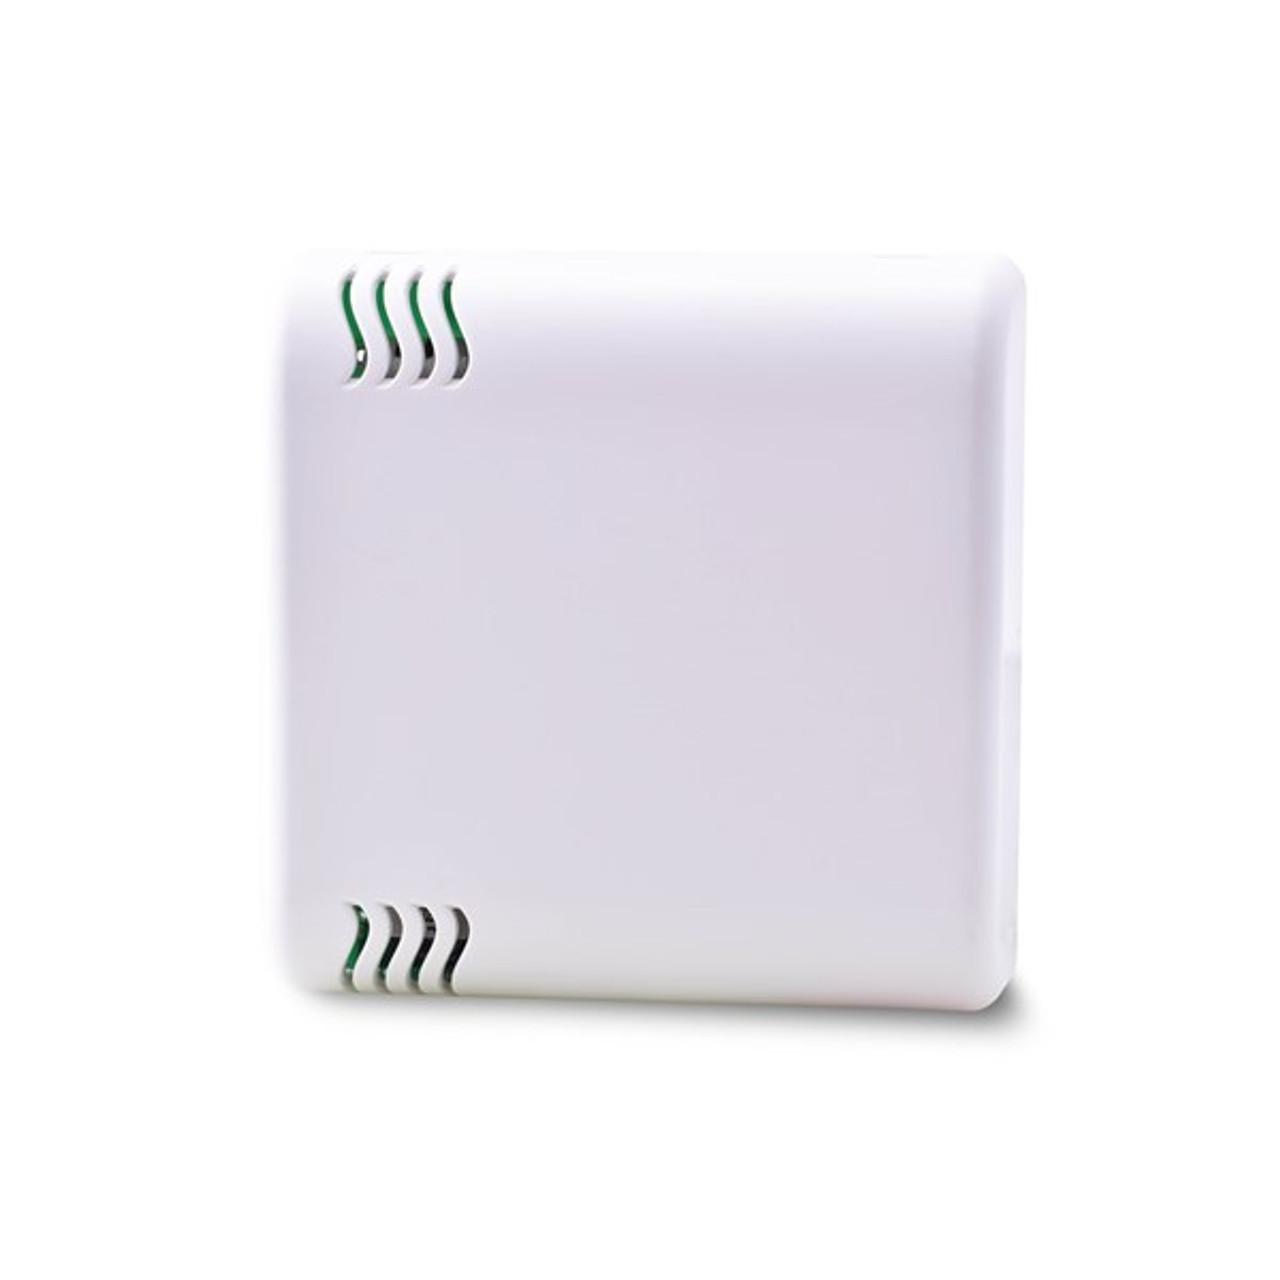 CMa12w Indoor temperature sensor Wireless M-Bus